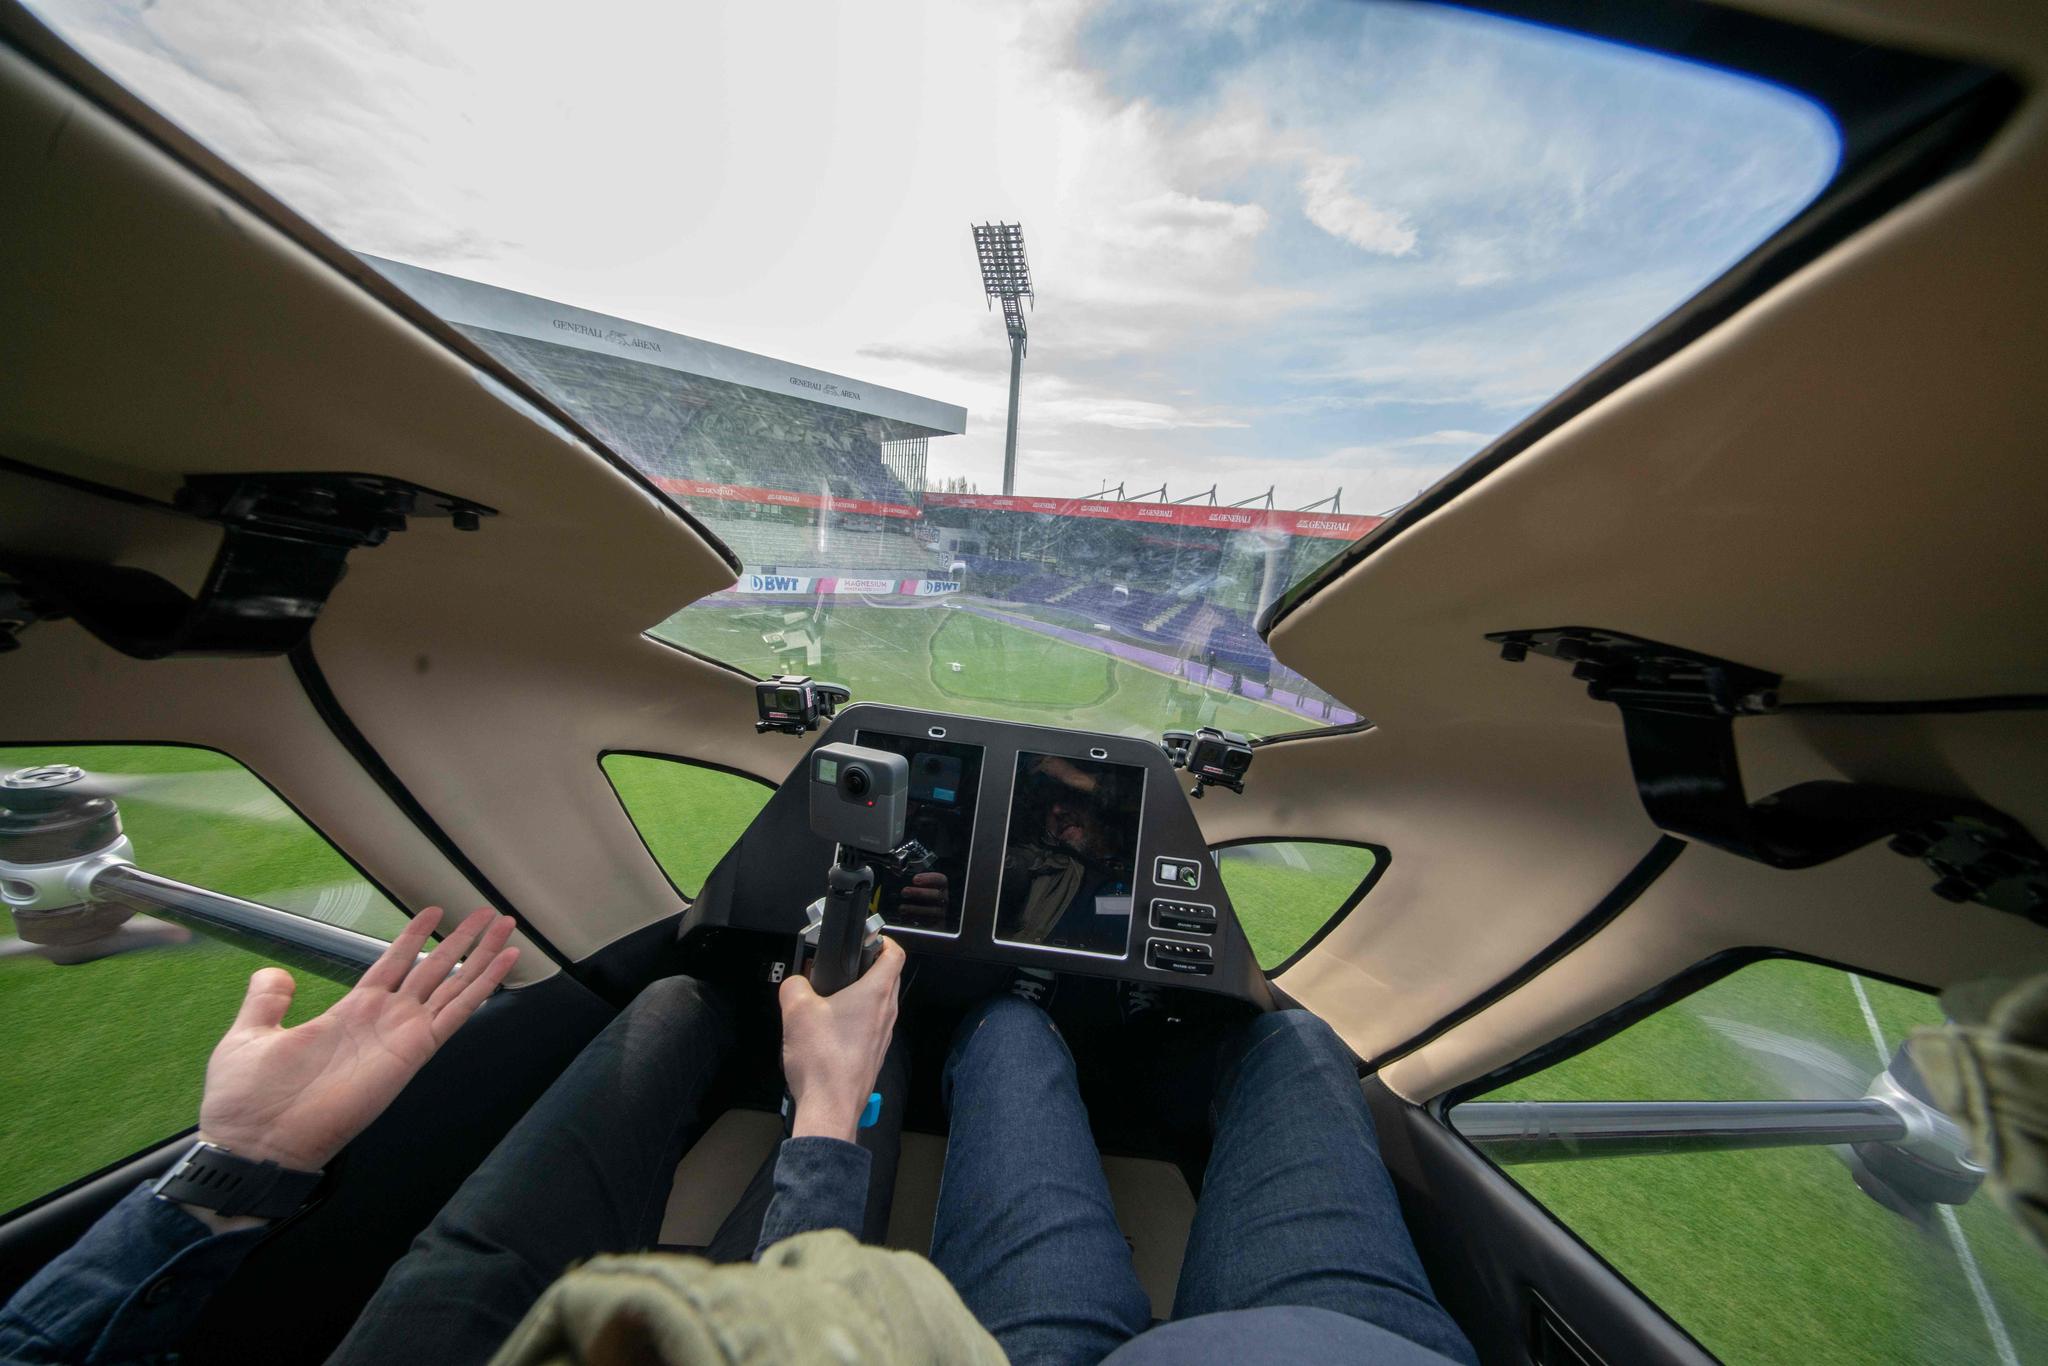 시험비행하는 '에어 택시'에서 바라본 풍경. [AFP=연합뉴스]